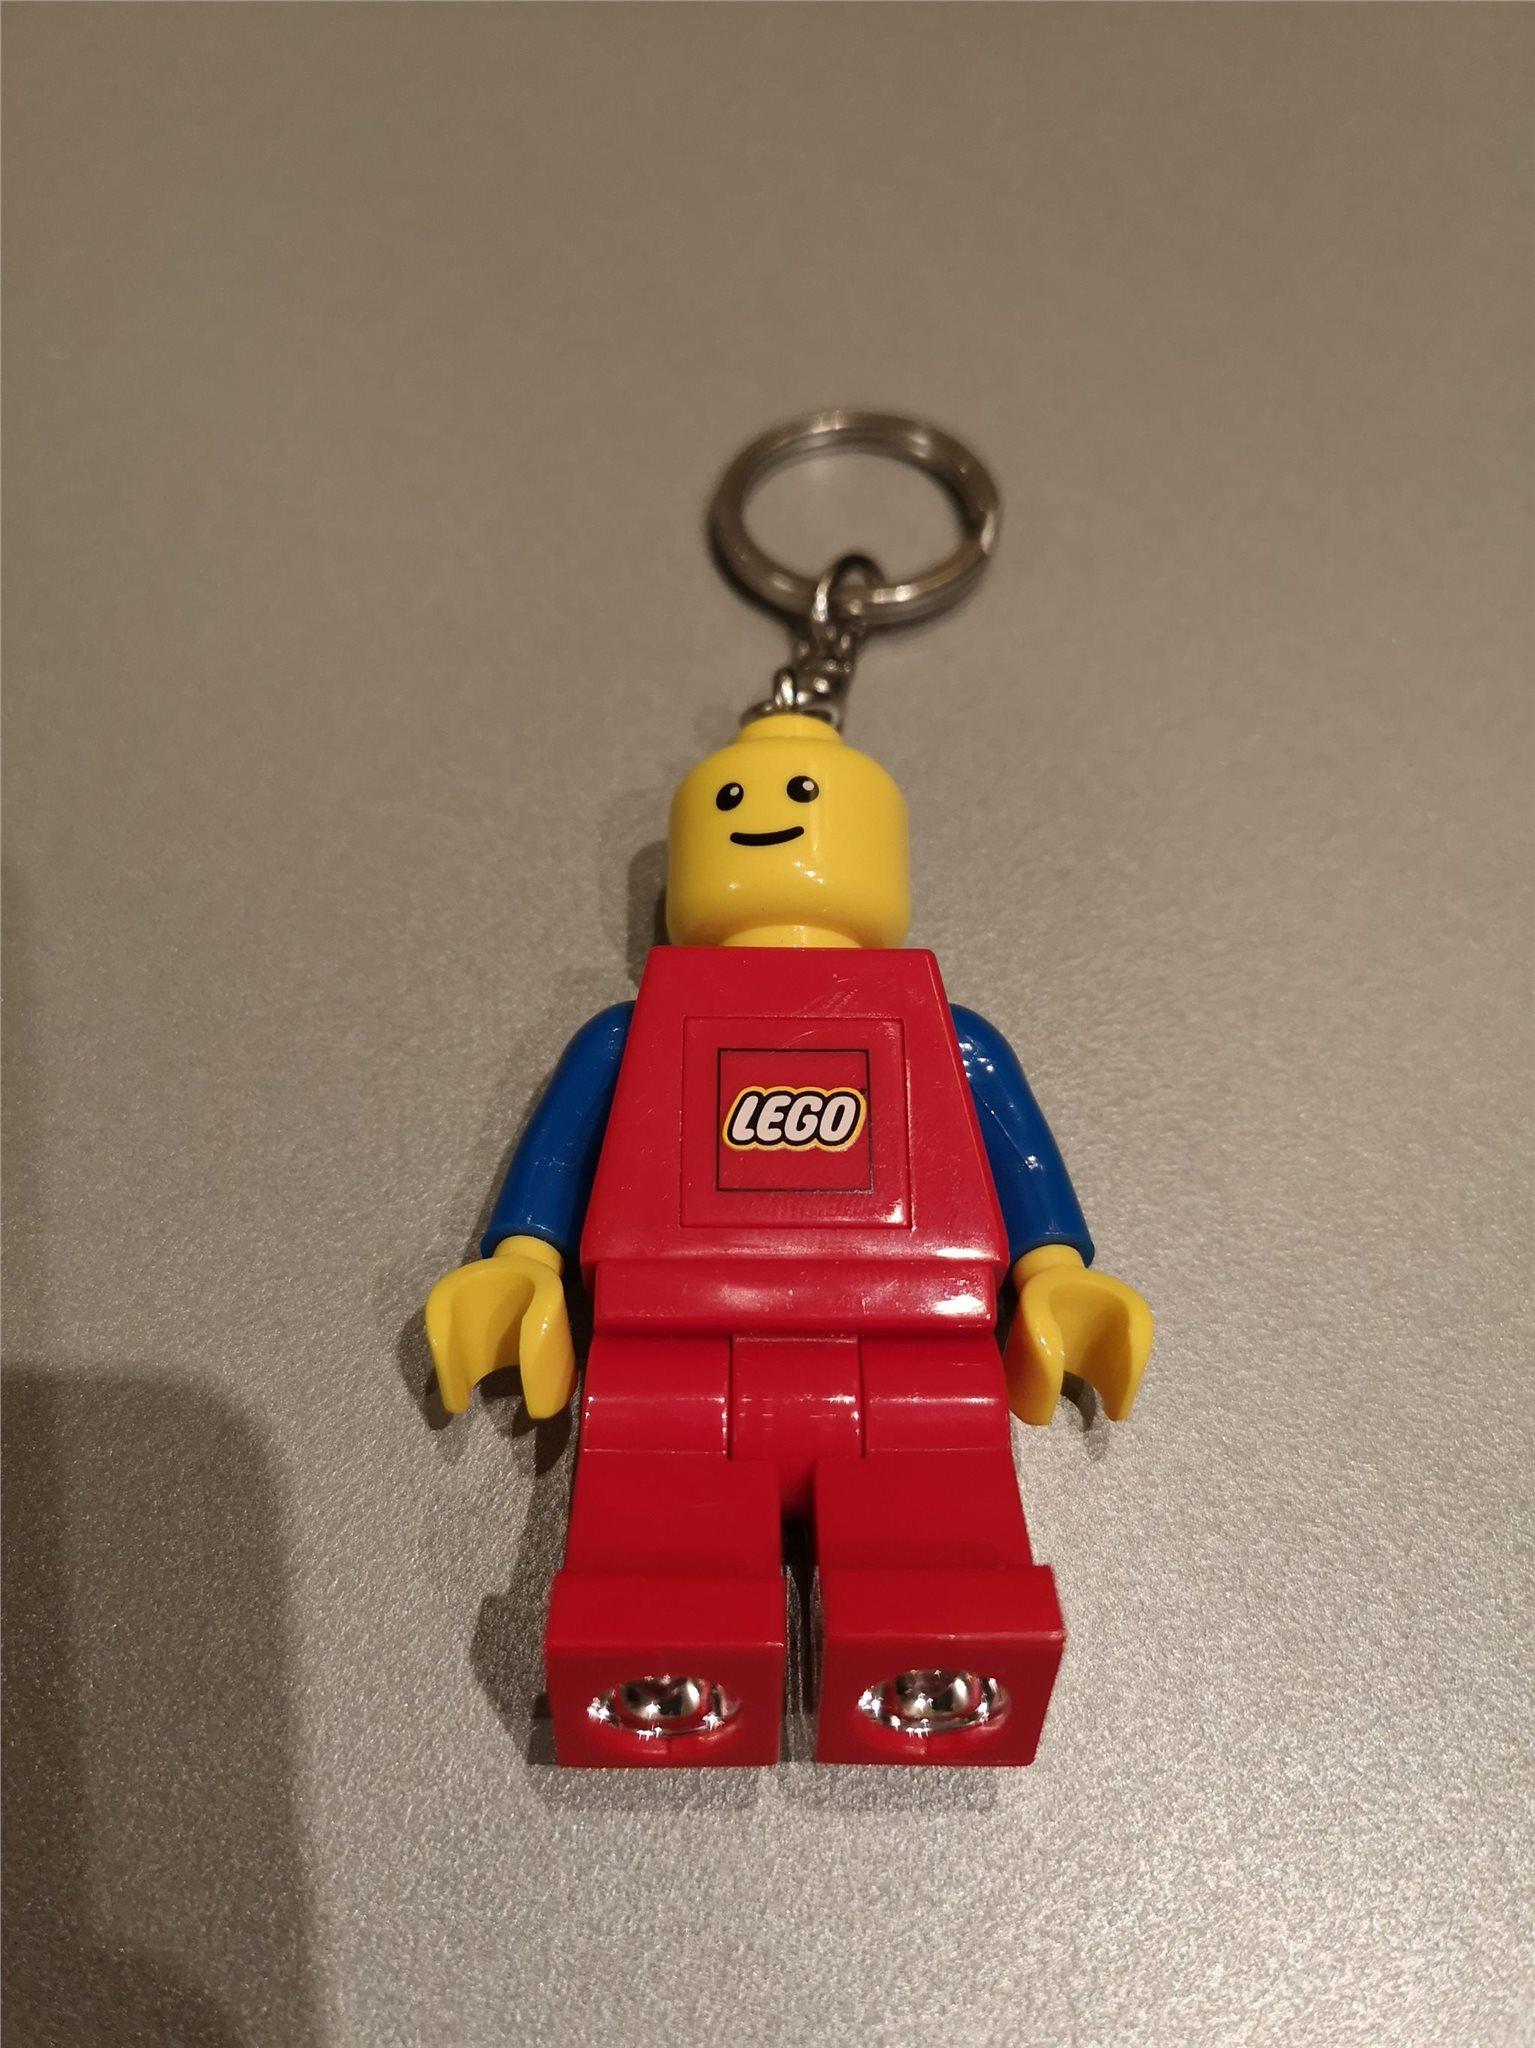 Lego nyckelring med lampa   ficklampa (334569360) ᐈ Köp på Tradera 3a2643fd59d6a